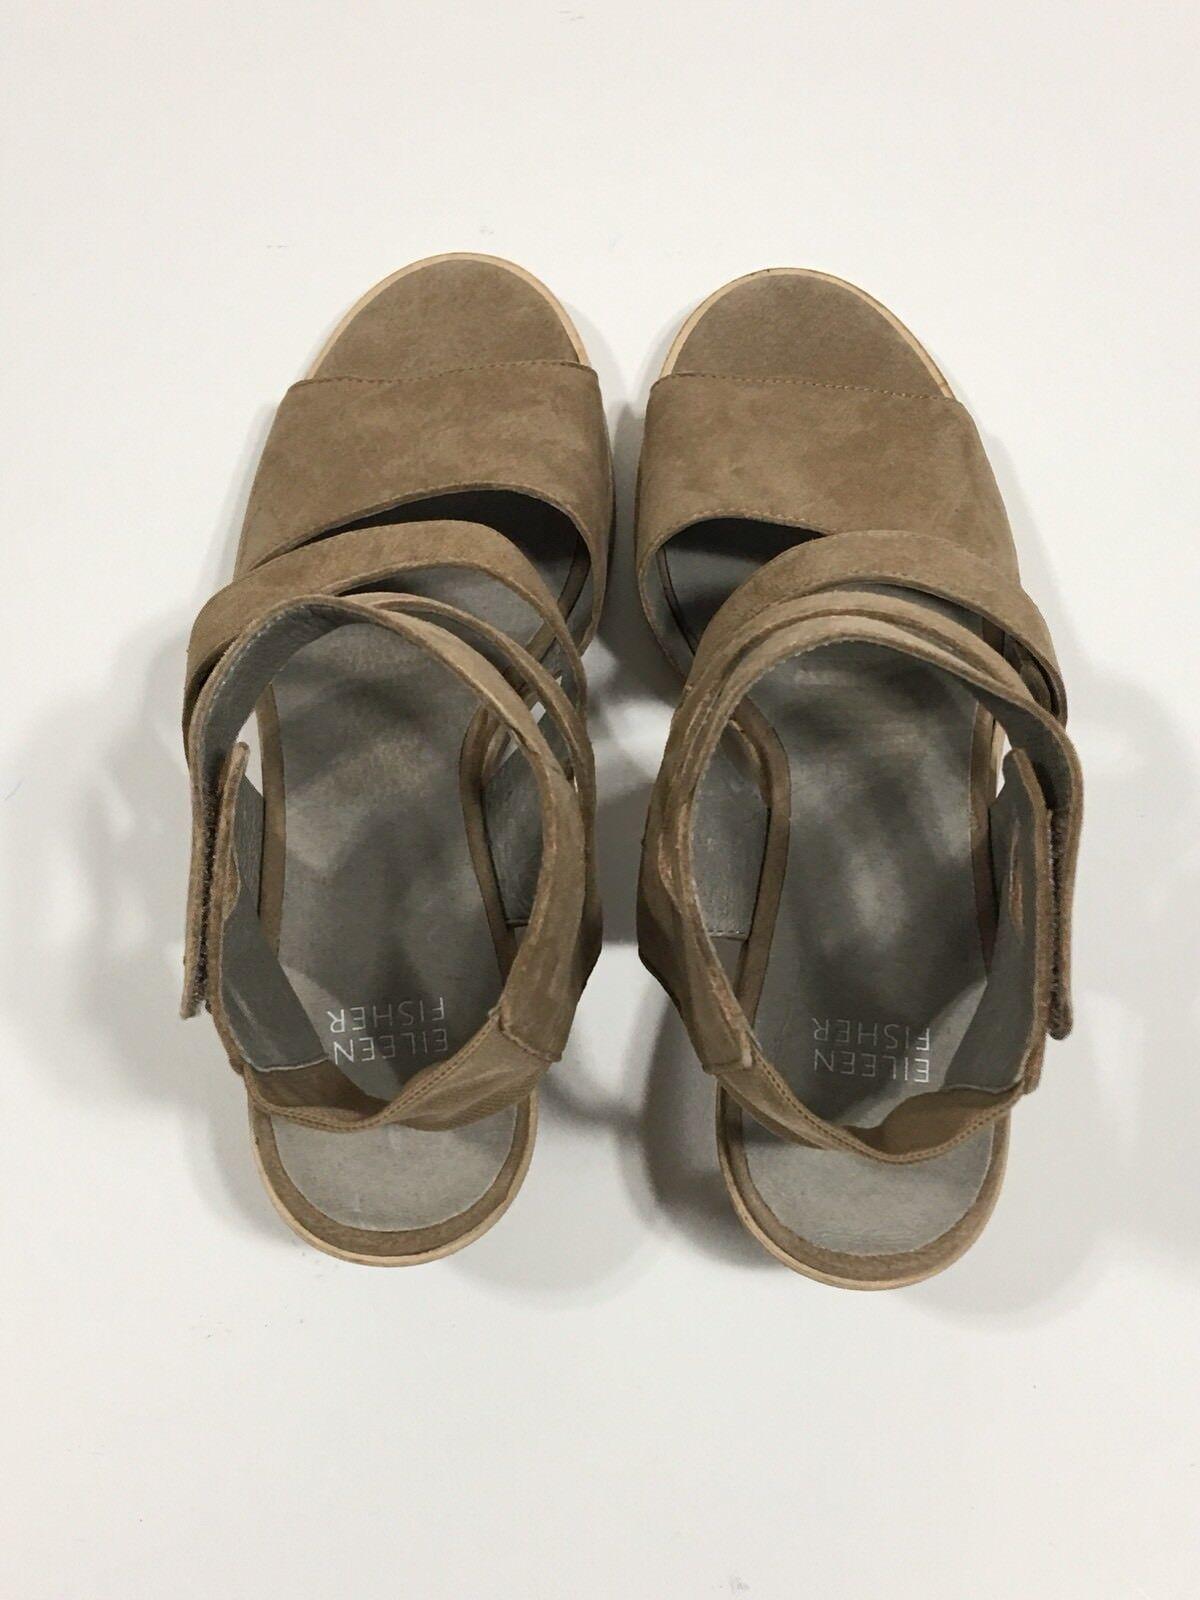 Eileen Fisher Vessey Strappy Strappy Vessey Sandal Size 8.5 (Retail  245) da059e